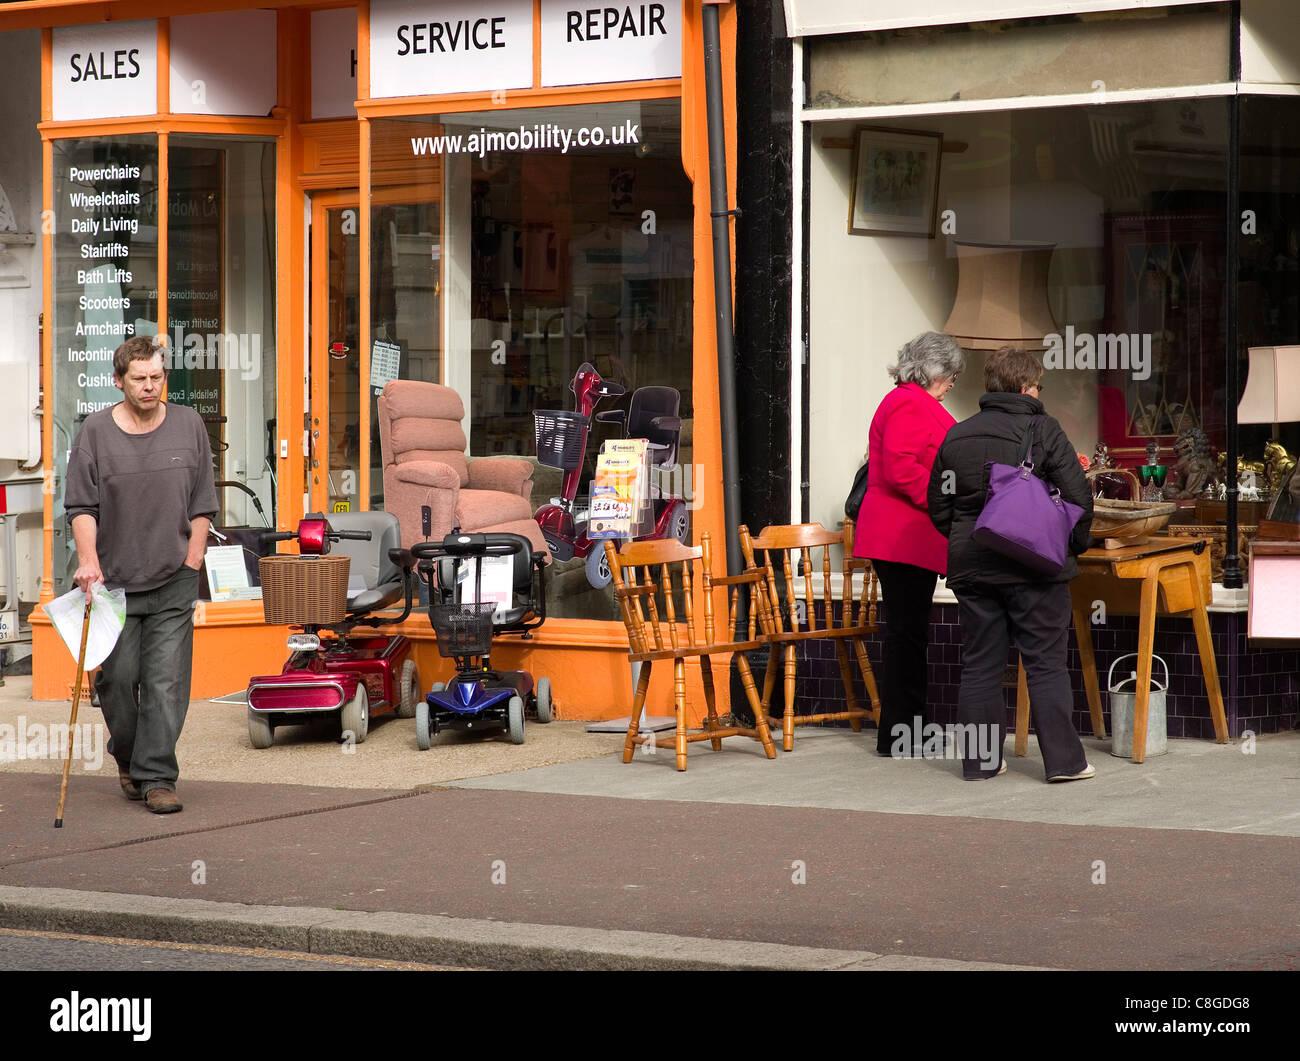 Anziani al di fuori di un piccolo negozio di vendita scooter di mobilità Immagini Stock